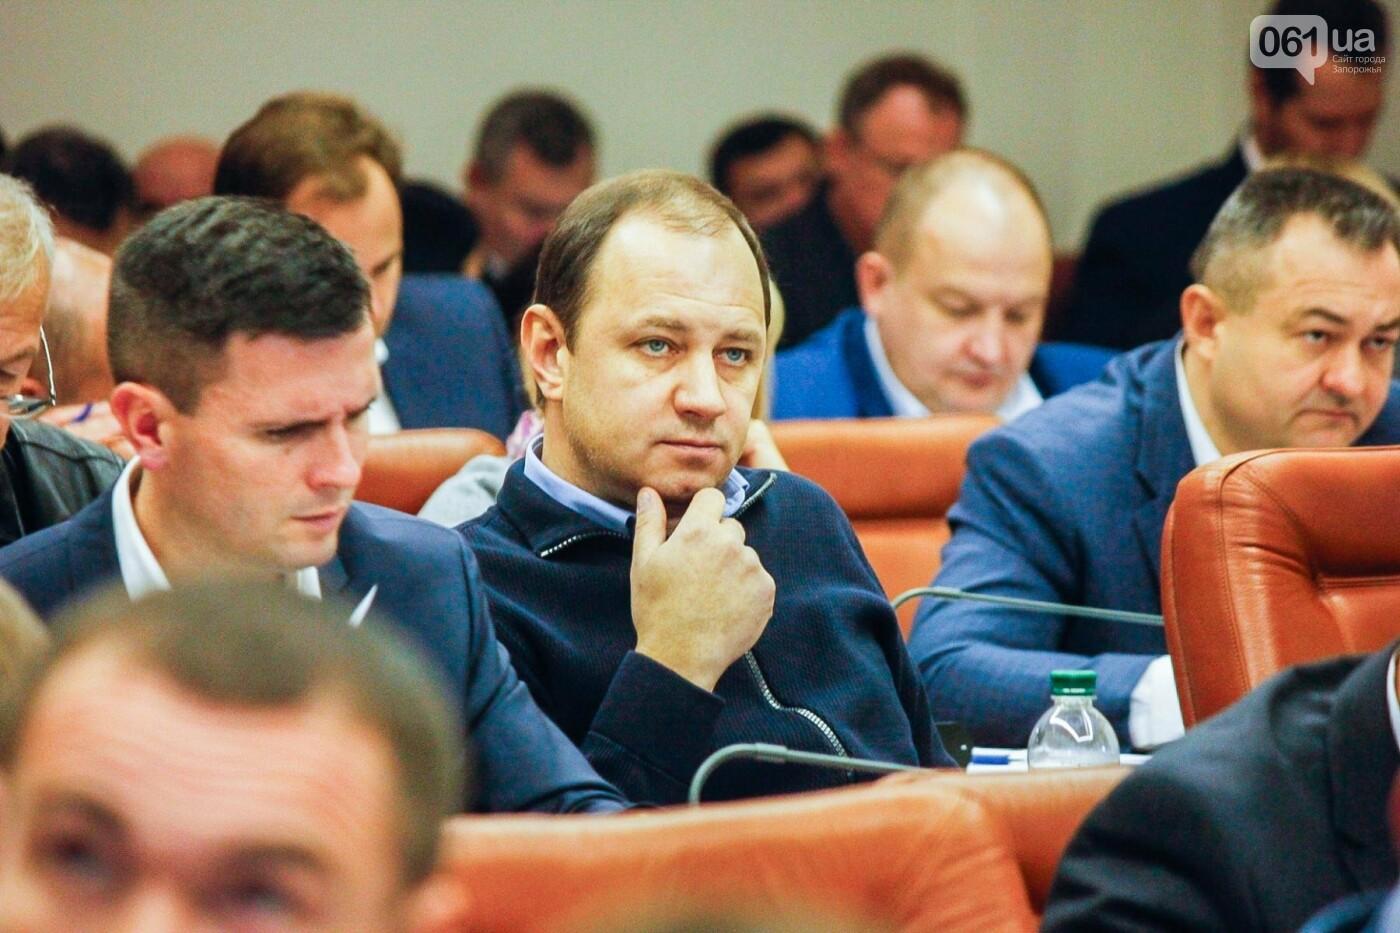 Сессия запорожского горсовета в лицах, - ФОТОРЕПОРТАЖ, фото-50